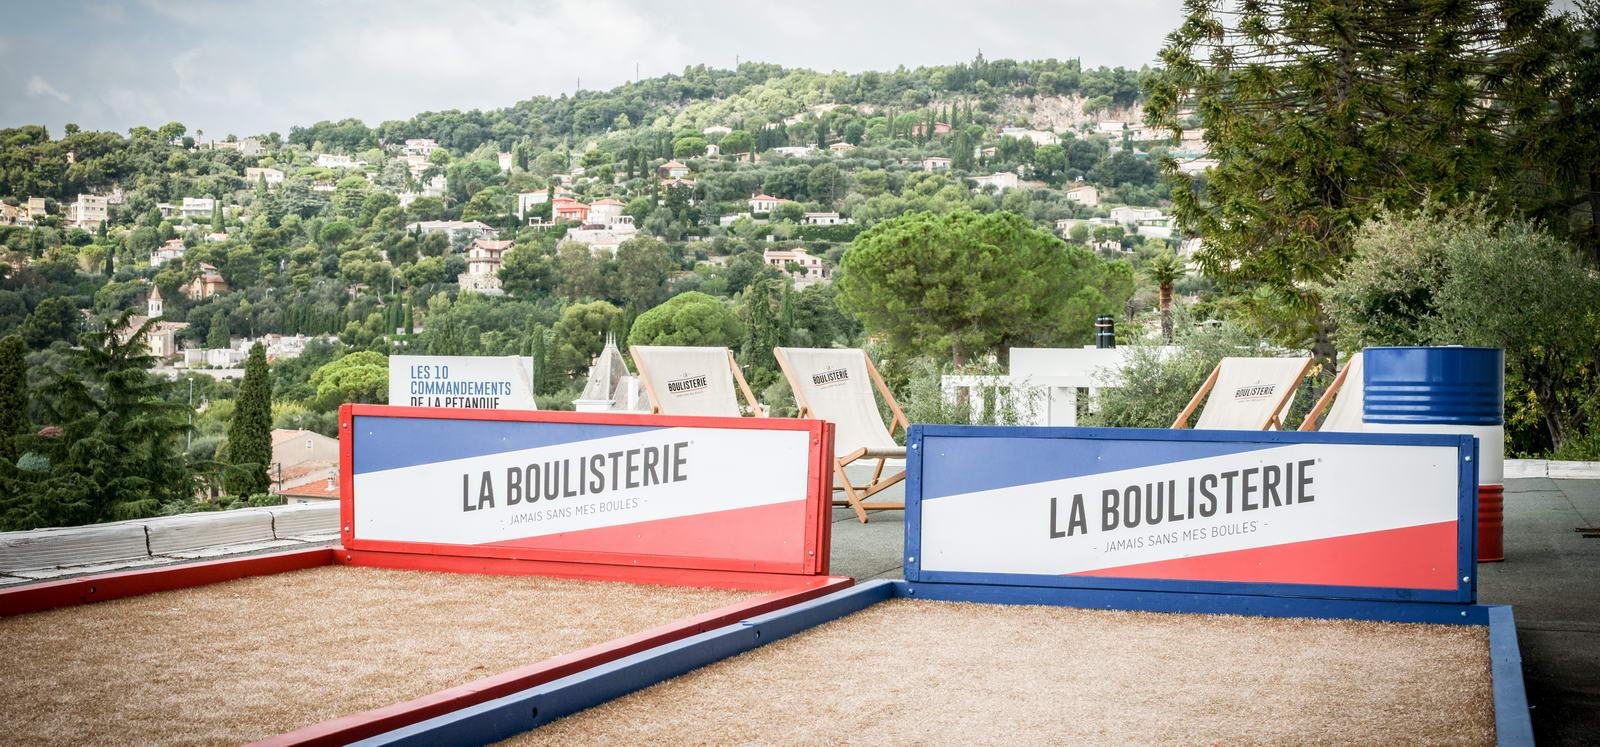 la-boulisterie-jouer-petanque-los-angeles-courts-ephemeres-s-02